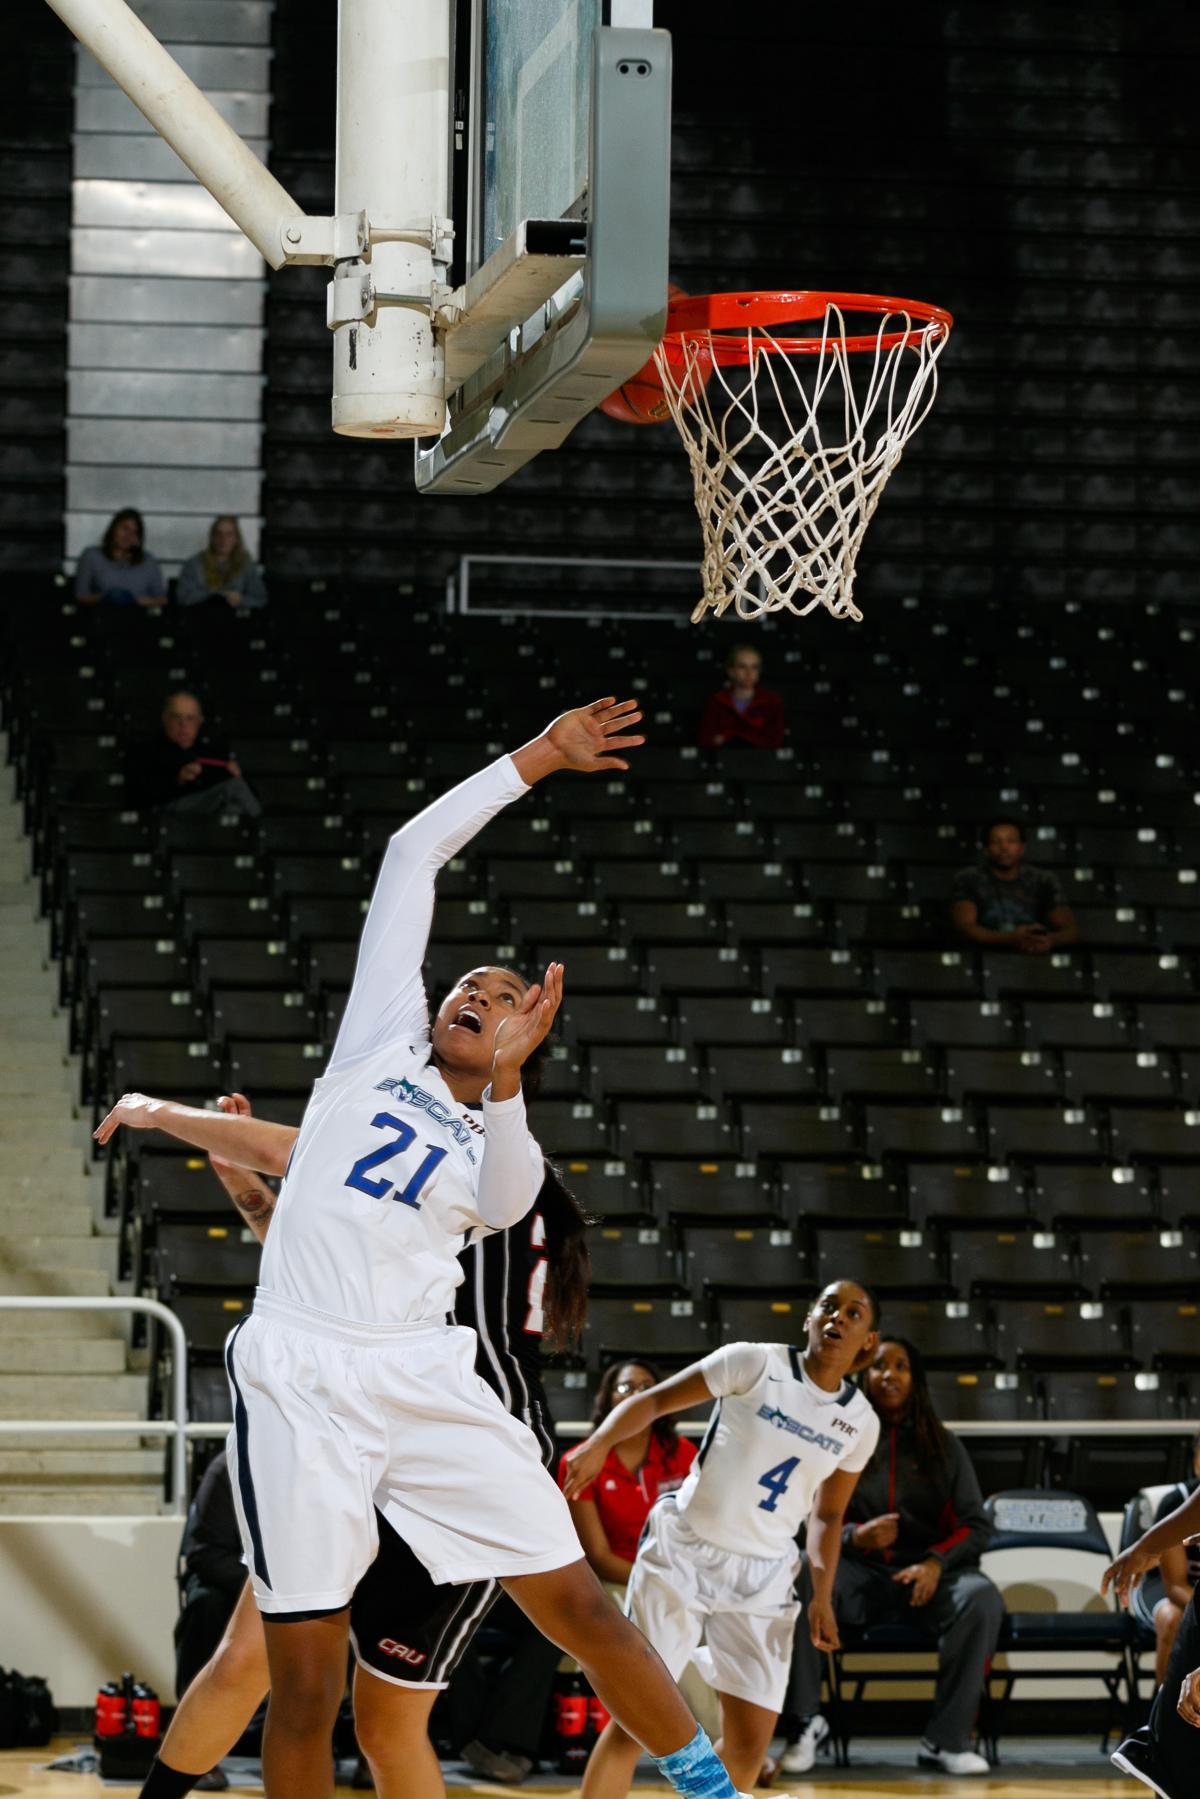 GC Women's Basketball vs. Clark Atlanta Dec. 3 - Georgia College